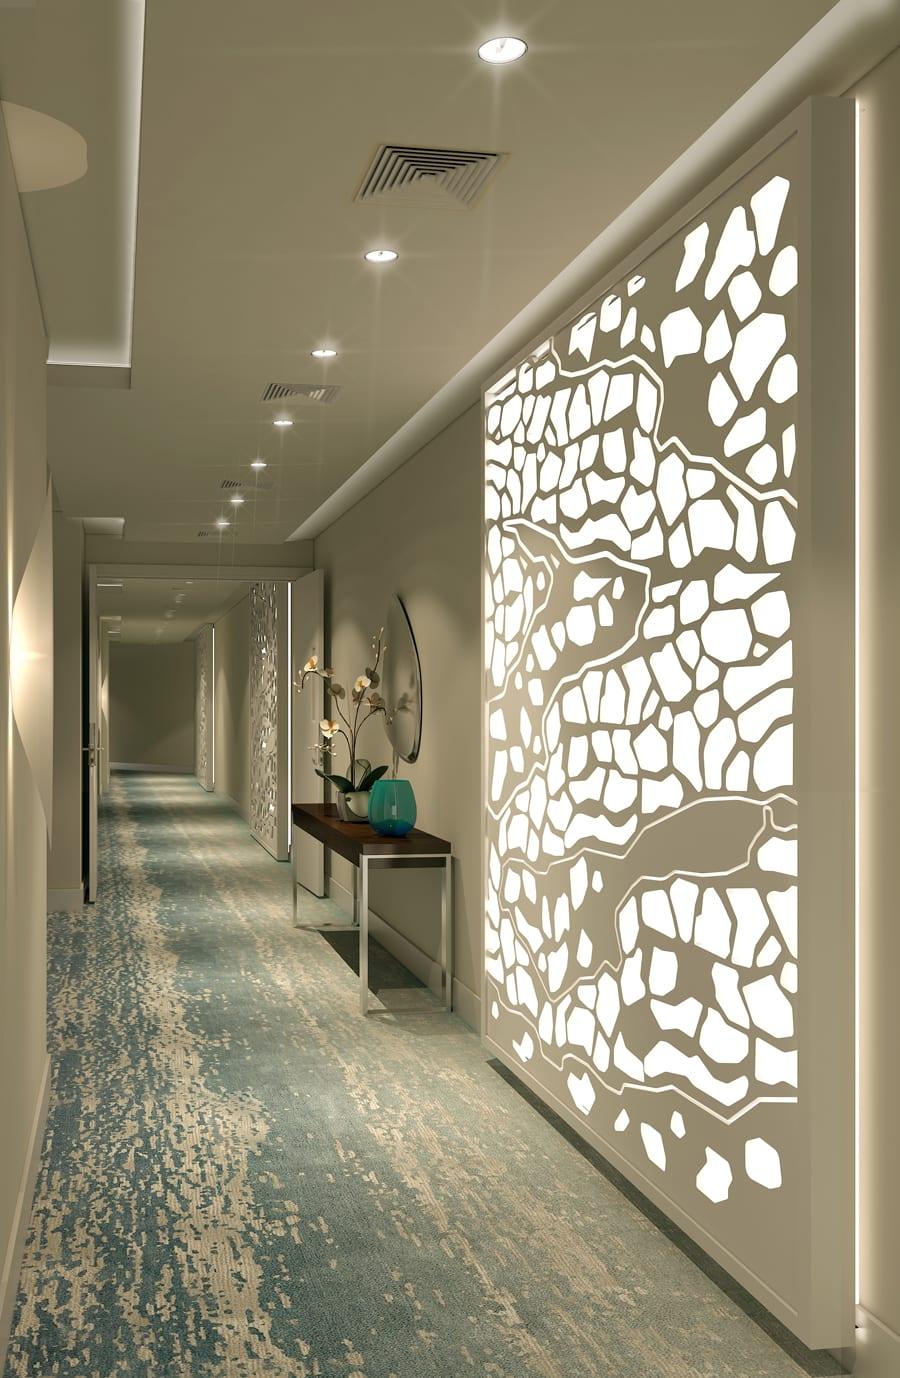 wohnideen flur für moderne Raumgestaltung in weiß mit Traumteppich in blau und weiß und kreative Lichtgestaltung als wanddekoration